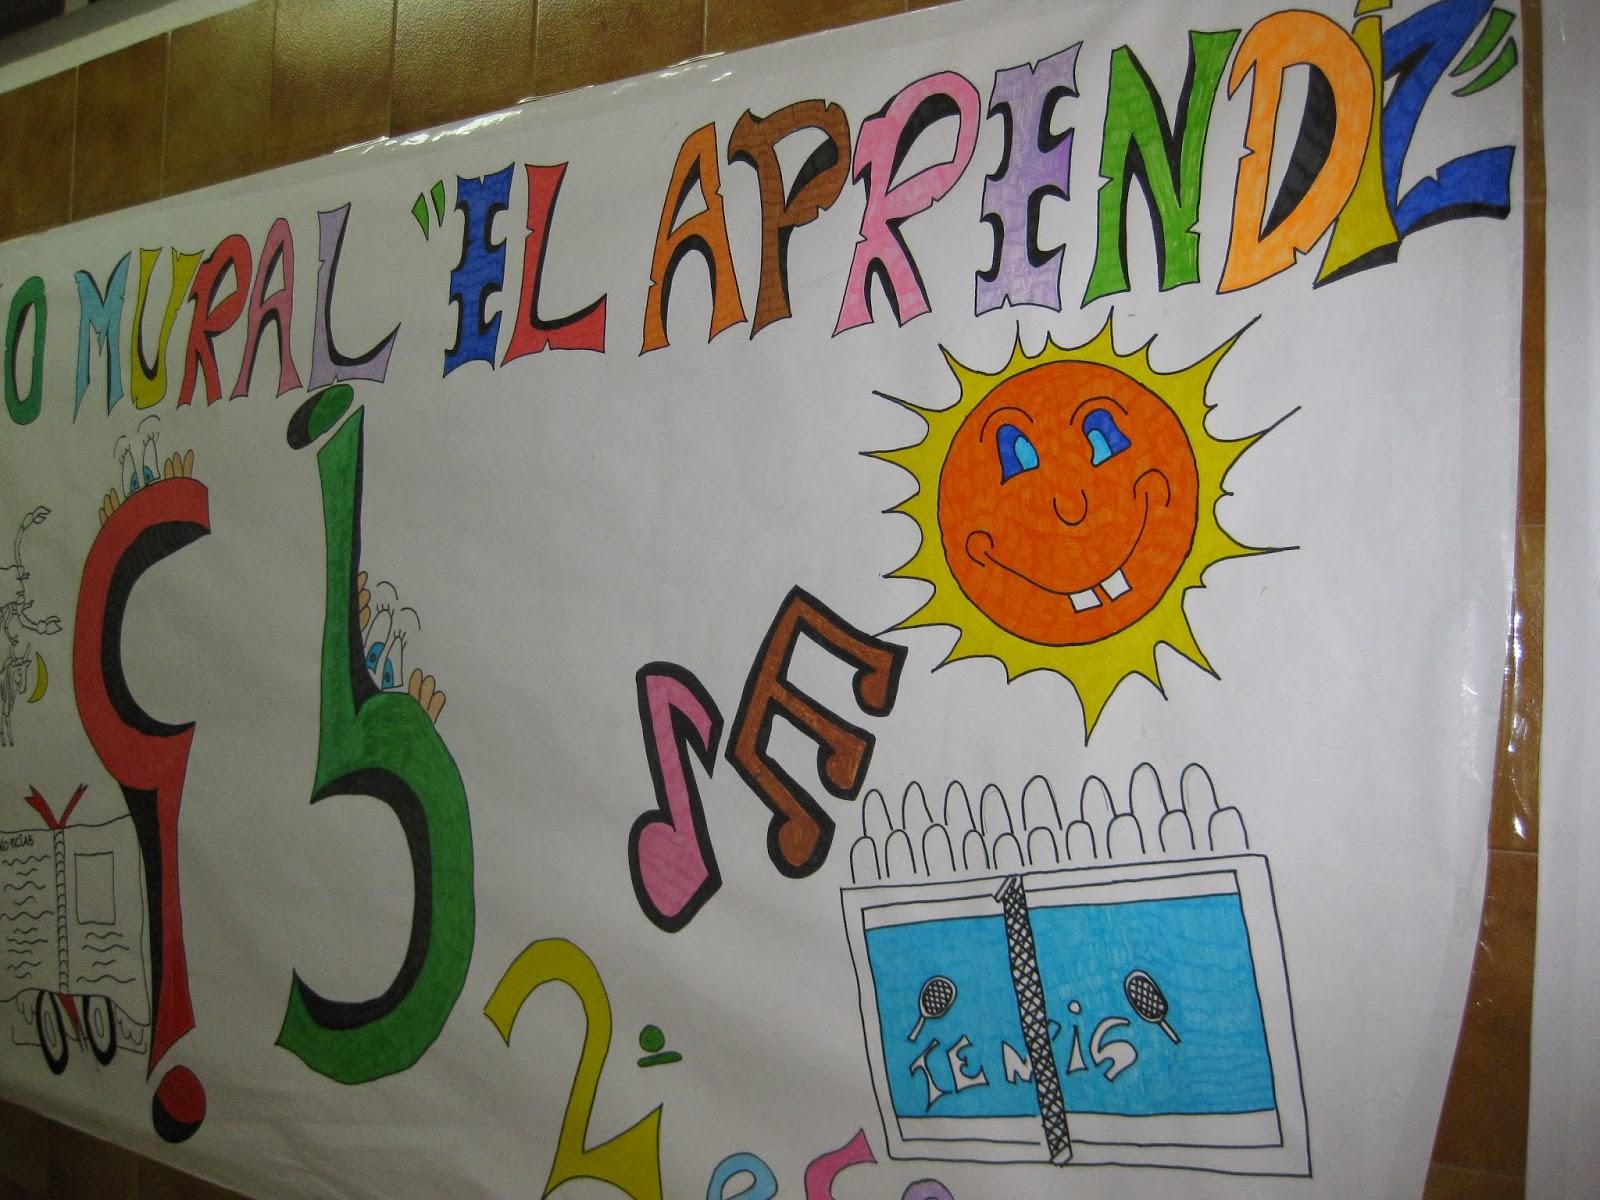 Biblioteca peri dico mural el aprendiz for Diario el mural de jalisco